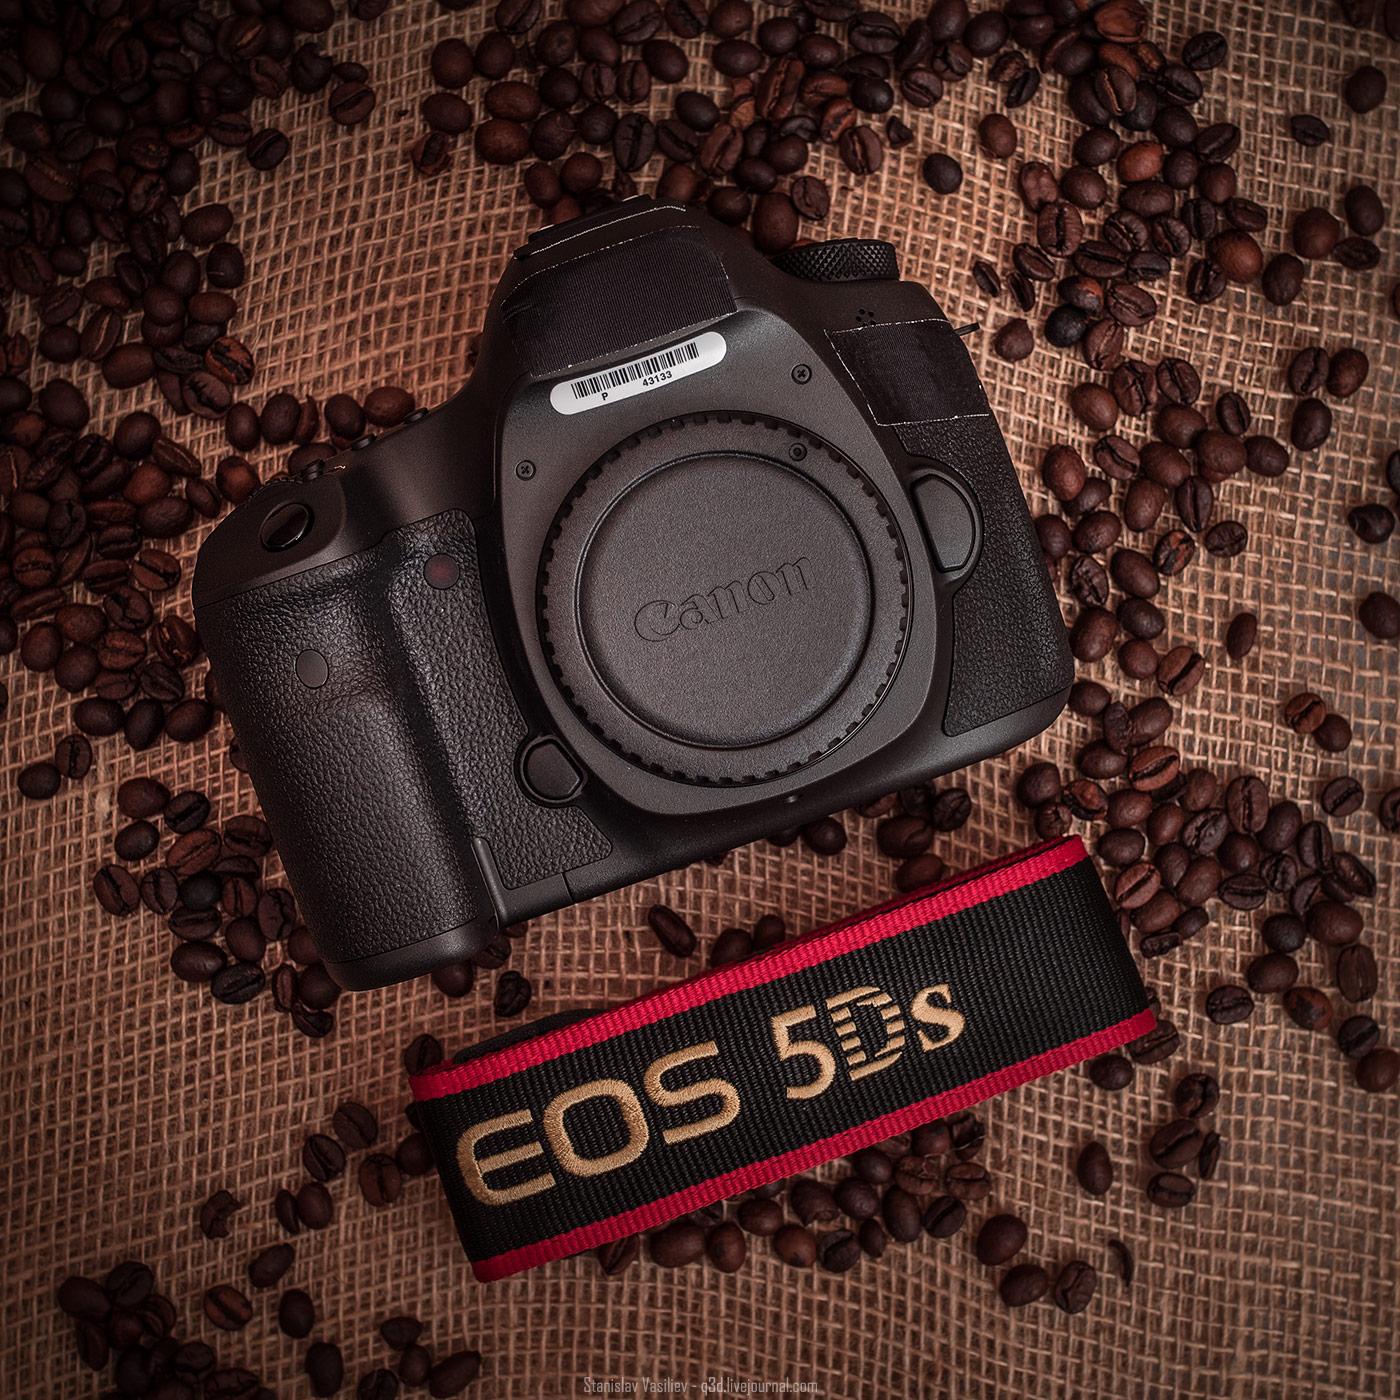 Инженерный образец Canon 5Ds - обзор